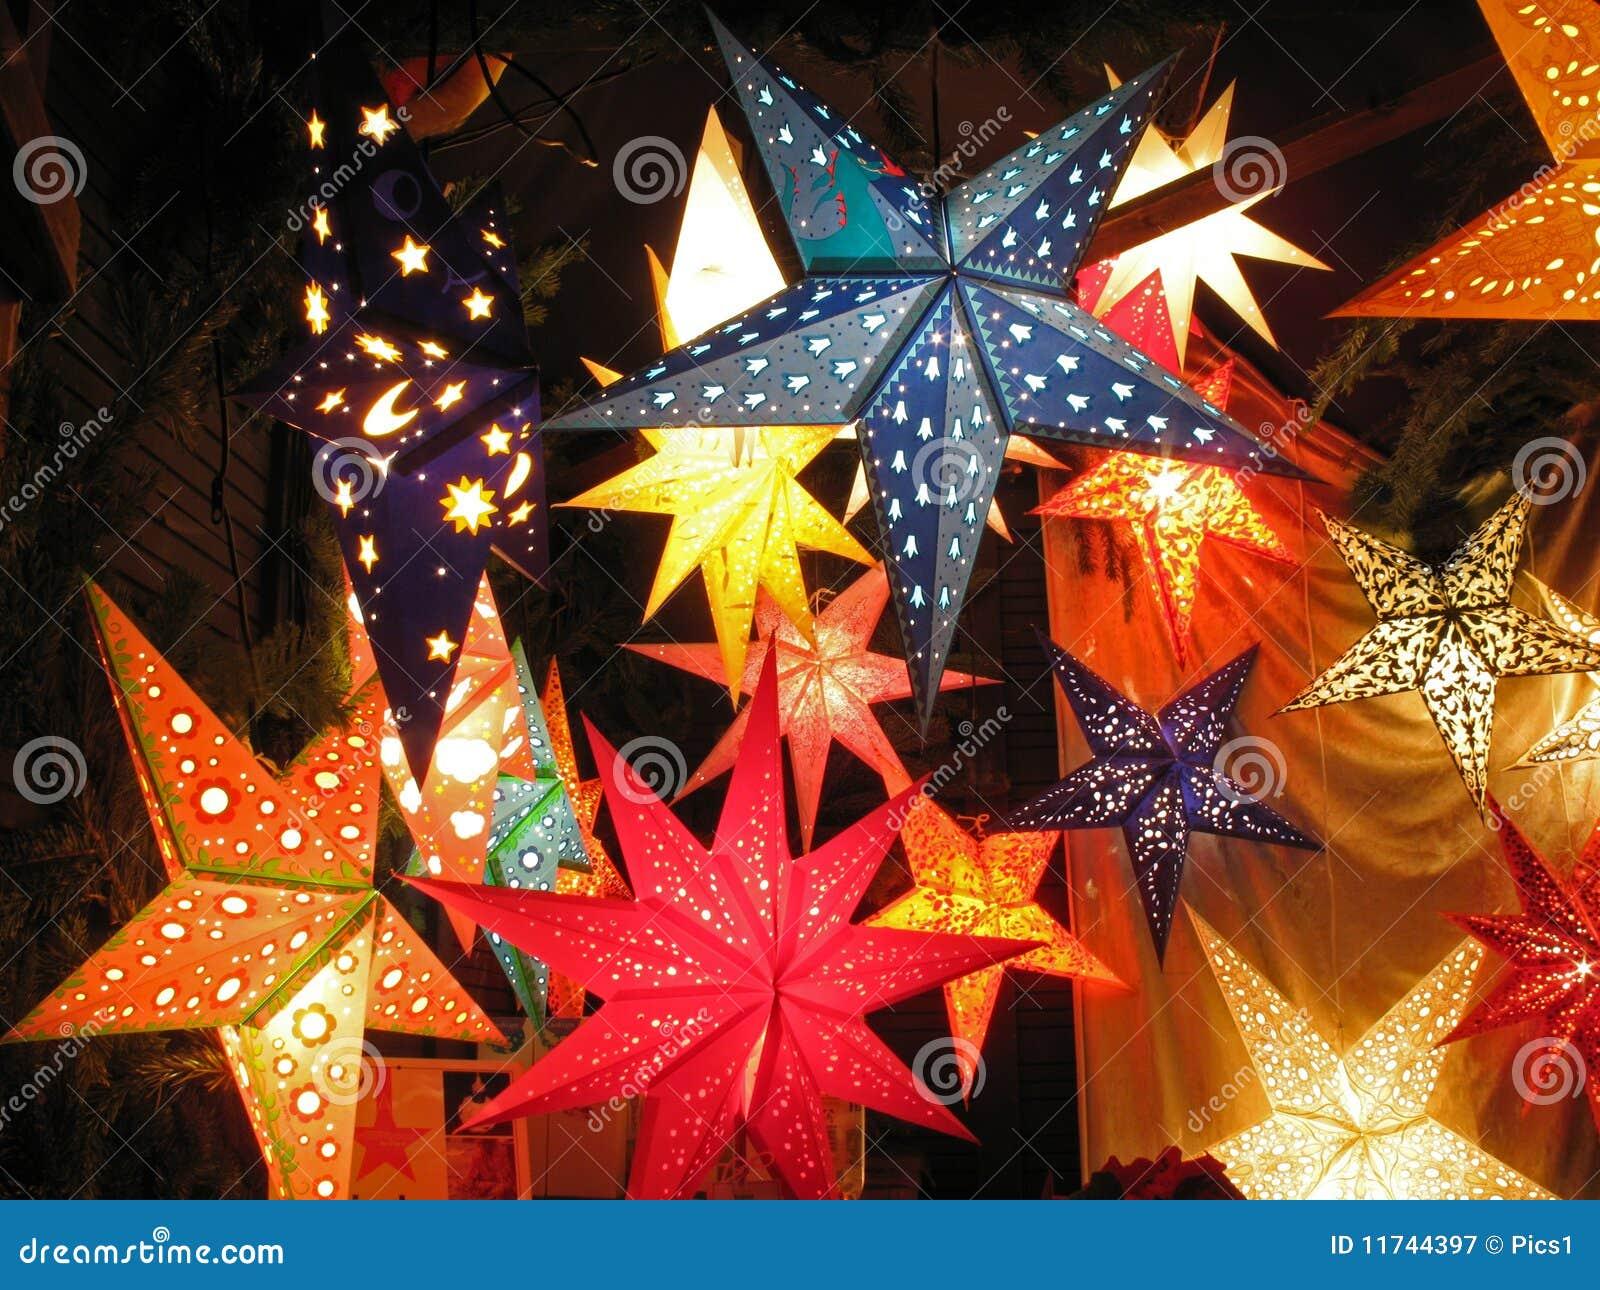 White Hanging Christmas Lights